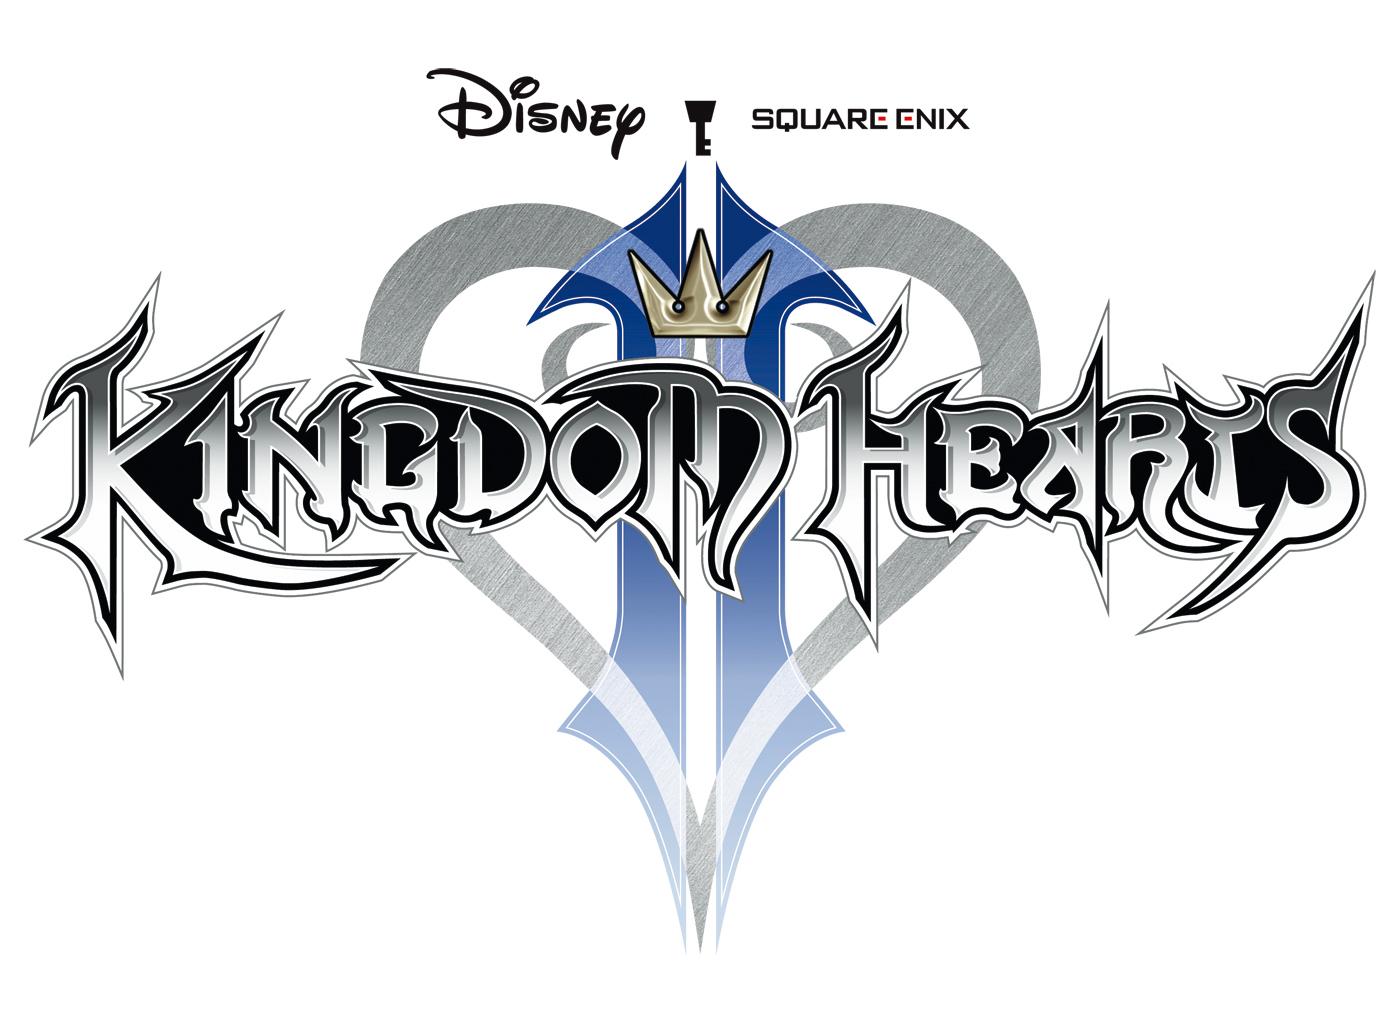 http://2.bp.blogspot.com/_LxKqFVK3Ddk/TRaESOfdCXI/AAAAAAAAA8w/vIzR_fGDrsg/s1600/kingdom-hearts-2-logo.jpg